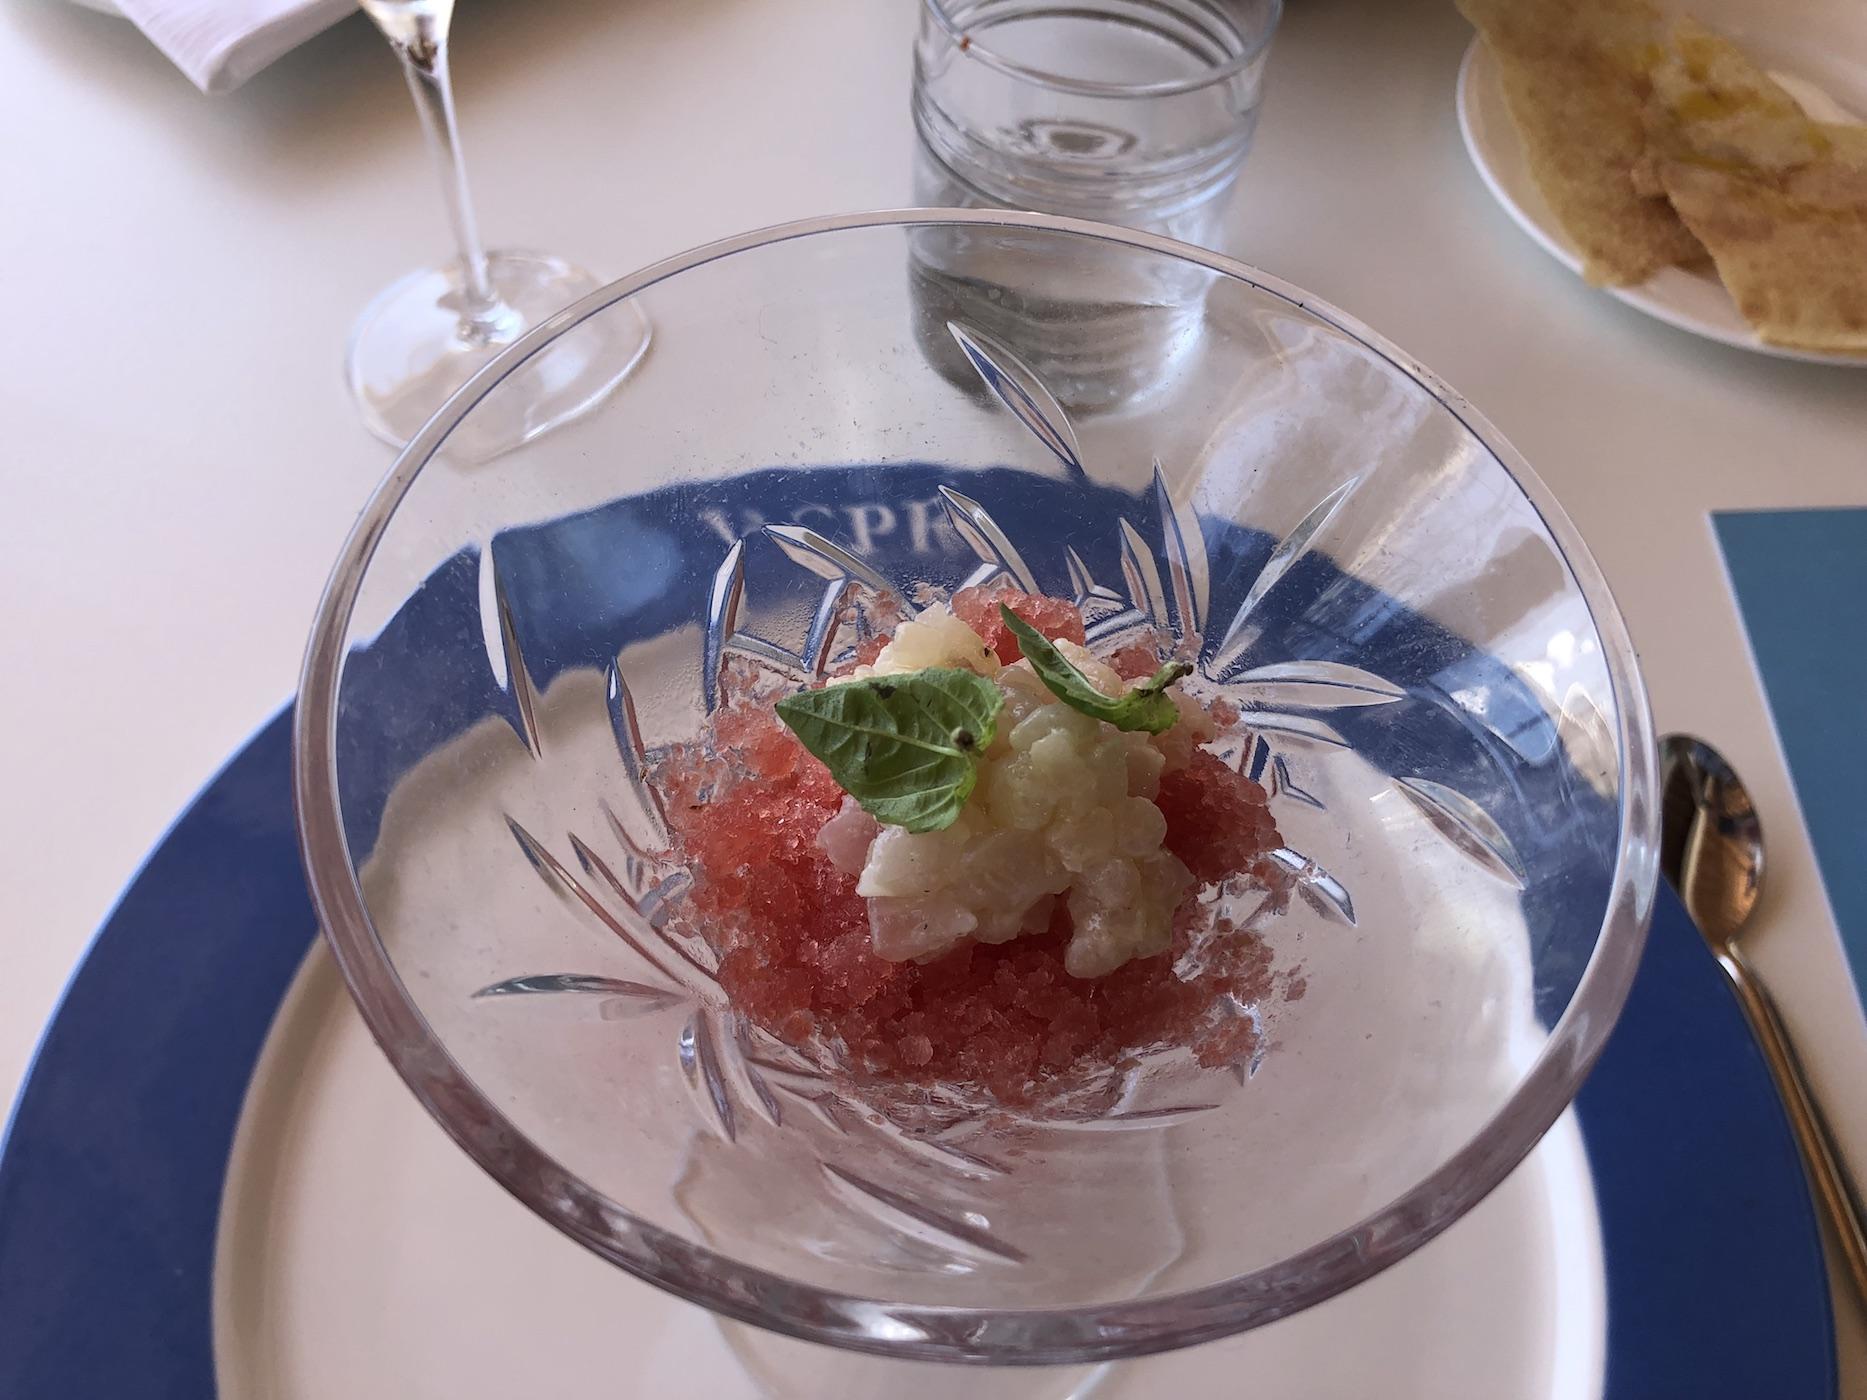 Piccola tartare di dentice, con anguria e Campari: una creazione di Daniel Canzian, uno degli chef che partecipa a Porto Rotondo On Top